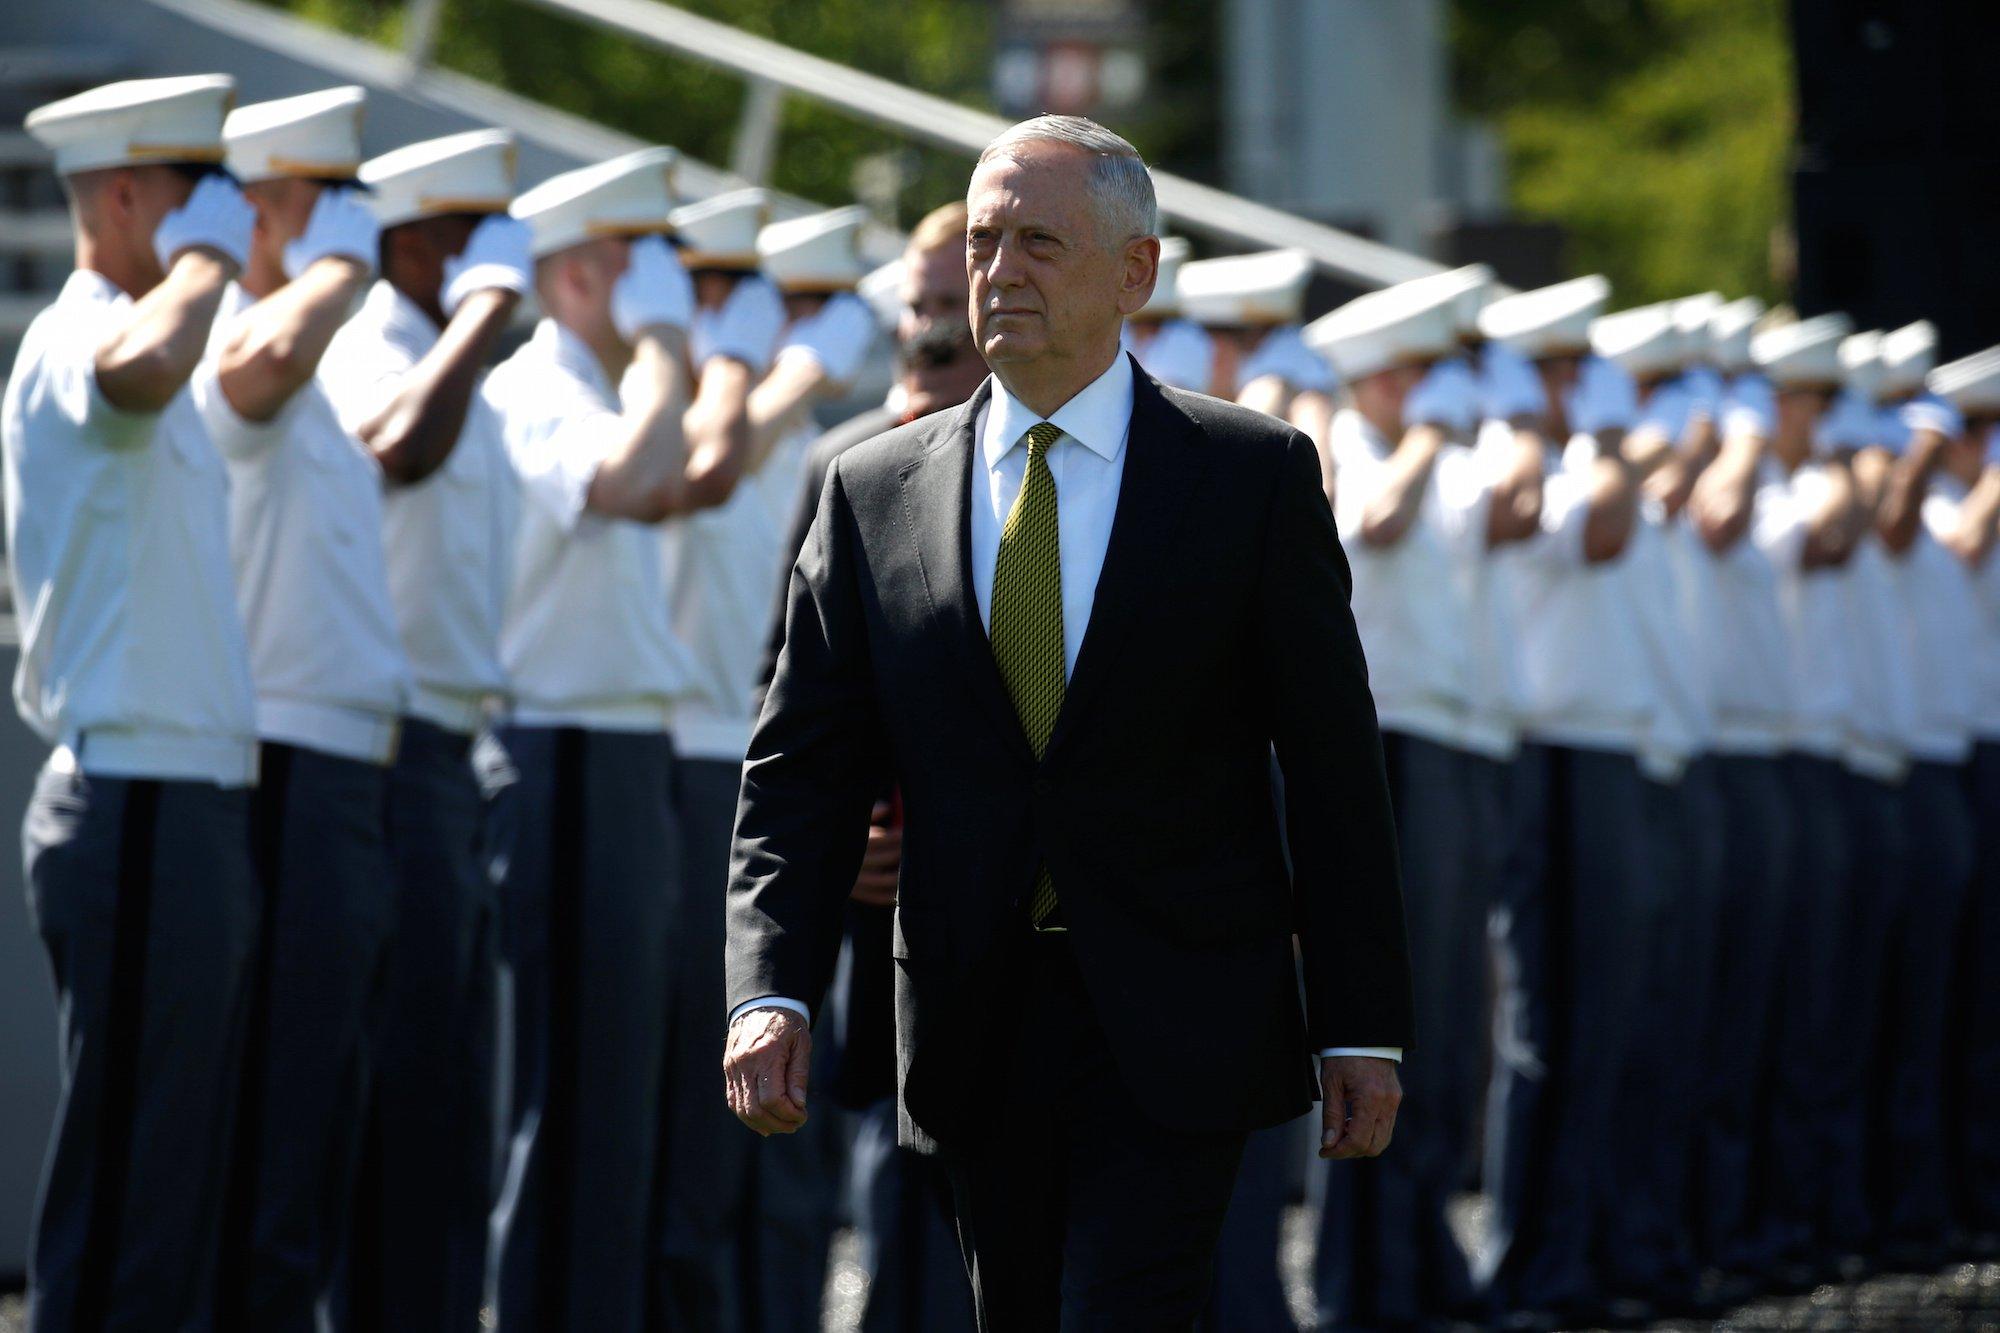 Госдеп: США готовы квоенному ответу вслучае агрессии КНДР